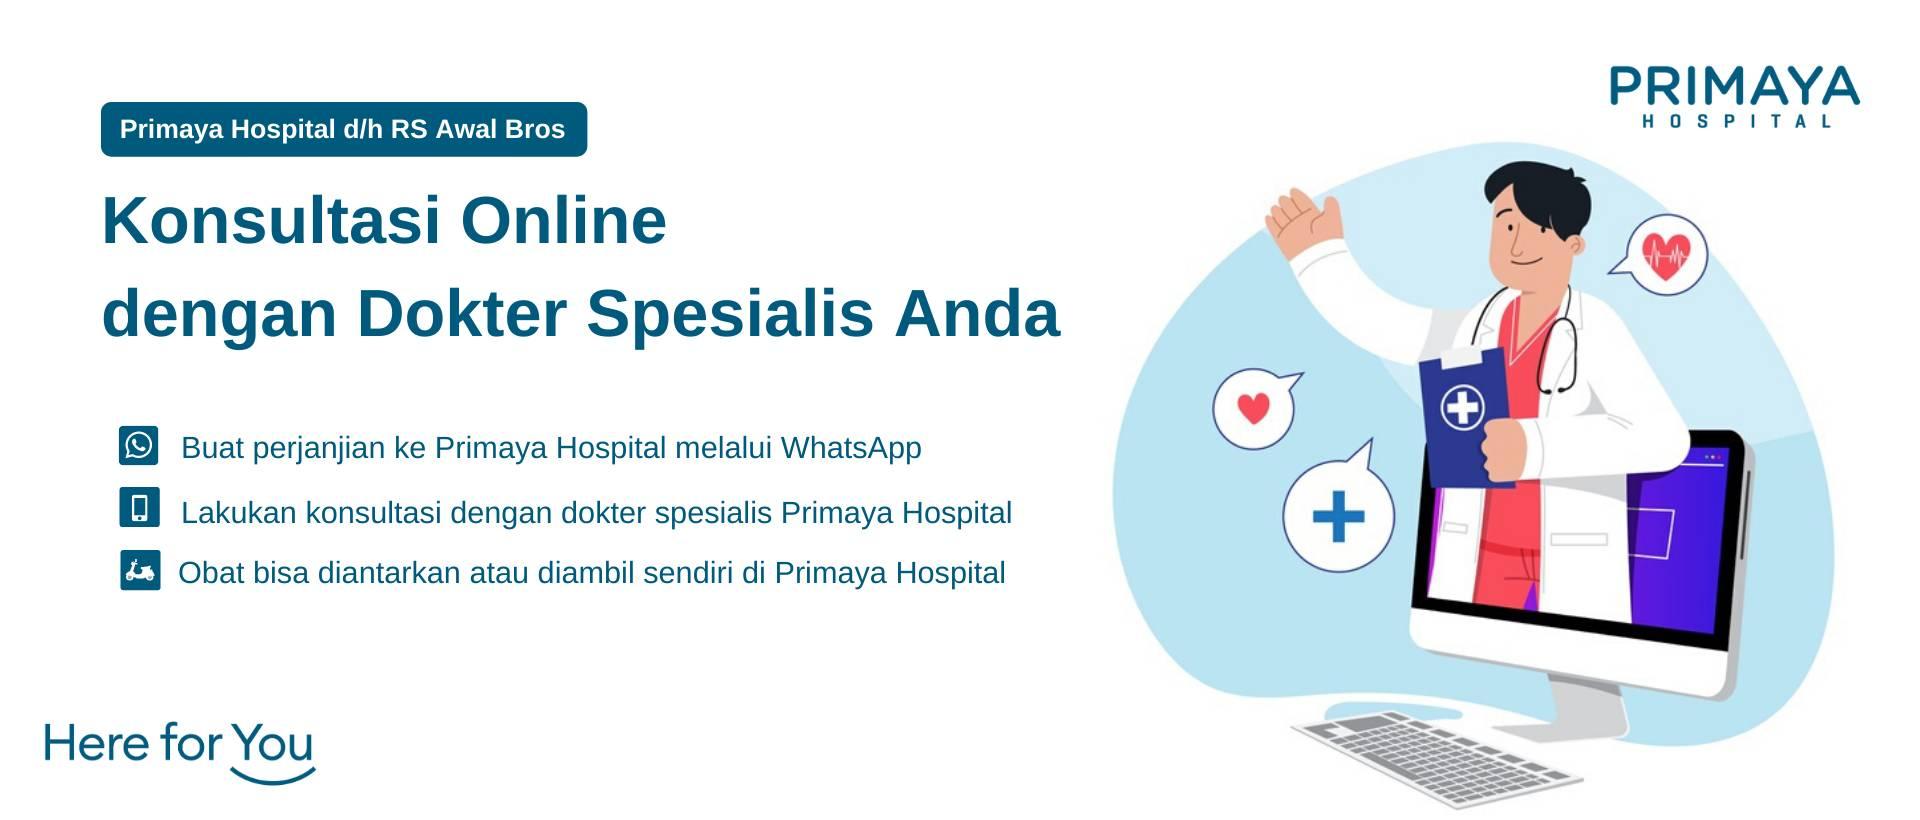 Konsultasi Online Rumah Sakit Primaya Hospital (1)